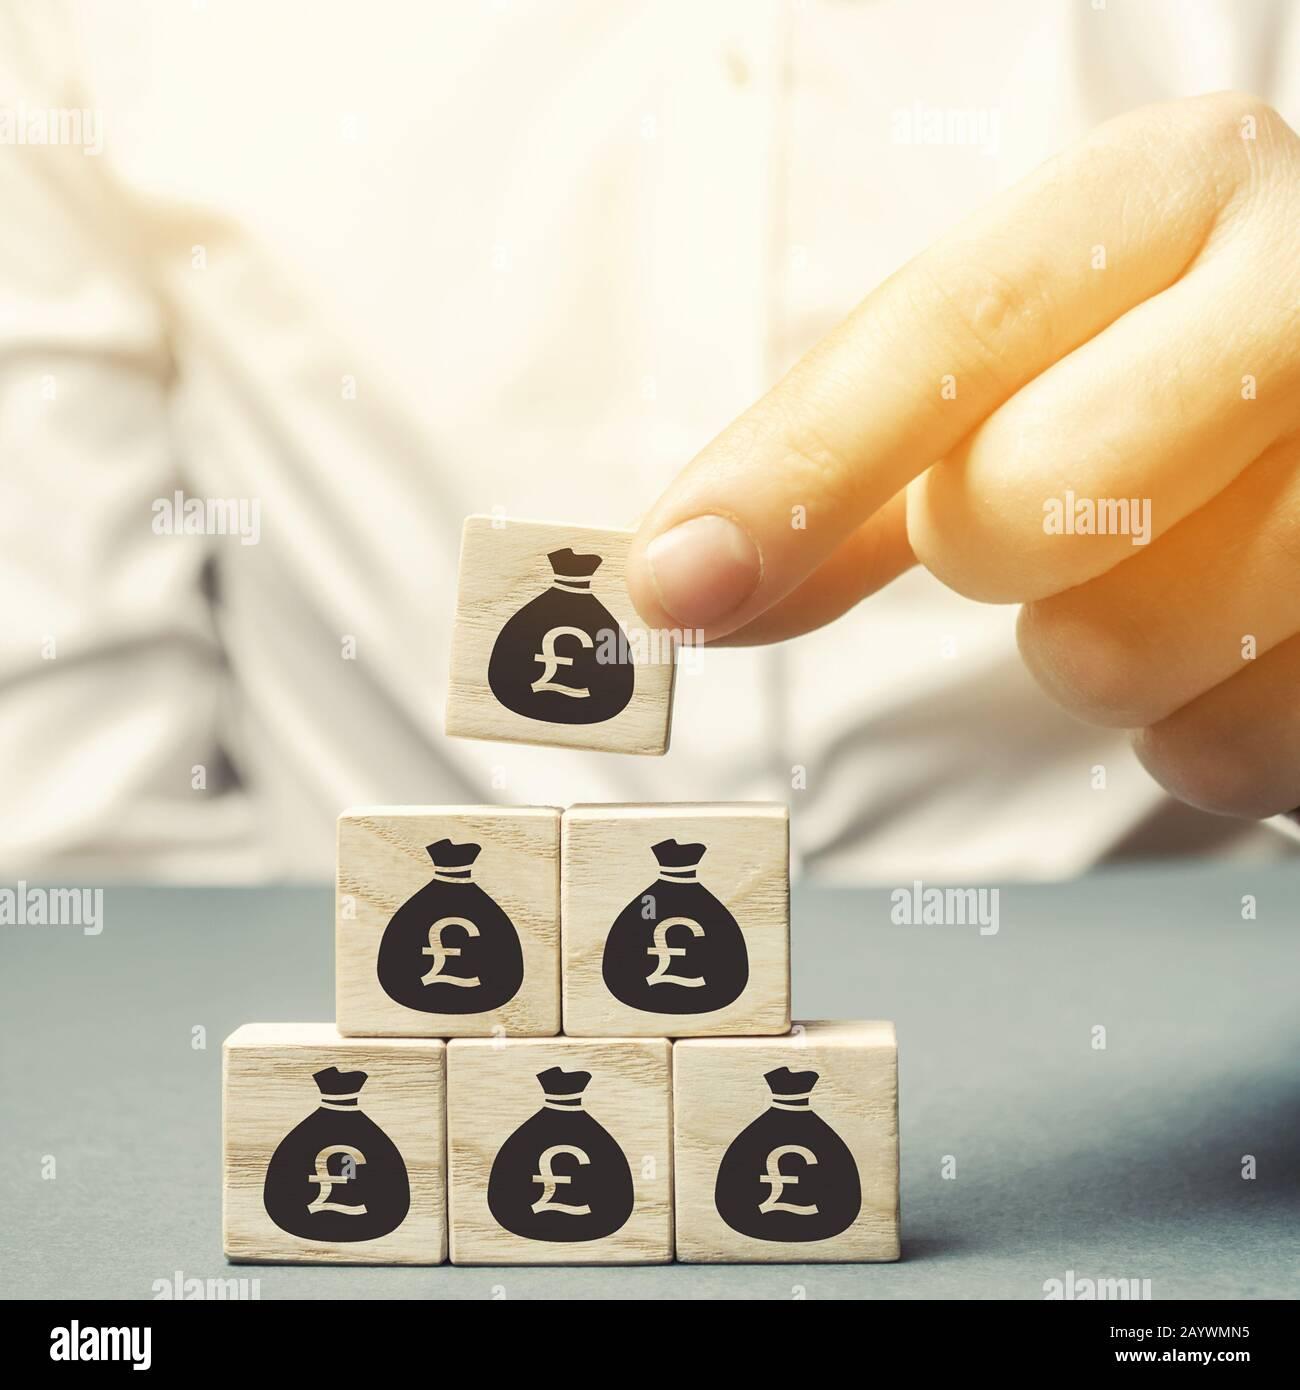 Businessman pone bloques de madera con la imagen del dinero. Concepto de negocio. Gestión de beneficios, finanzas y presupuesto. Planificación. Distribución de fondos. Capi Foto de stock